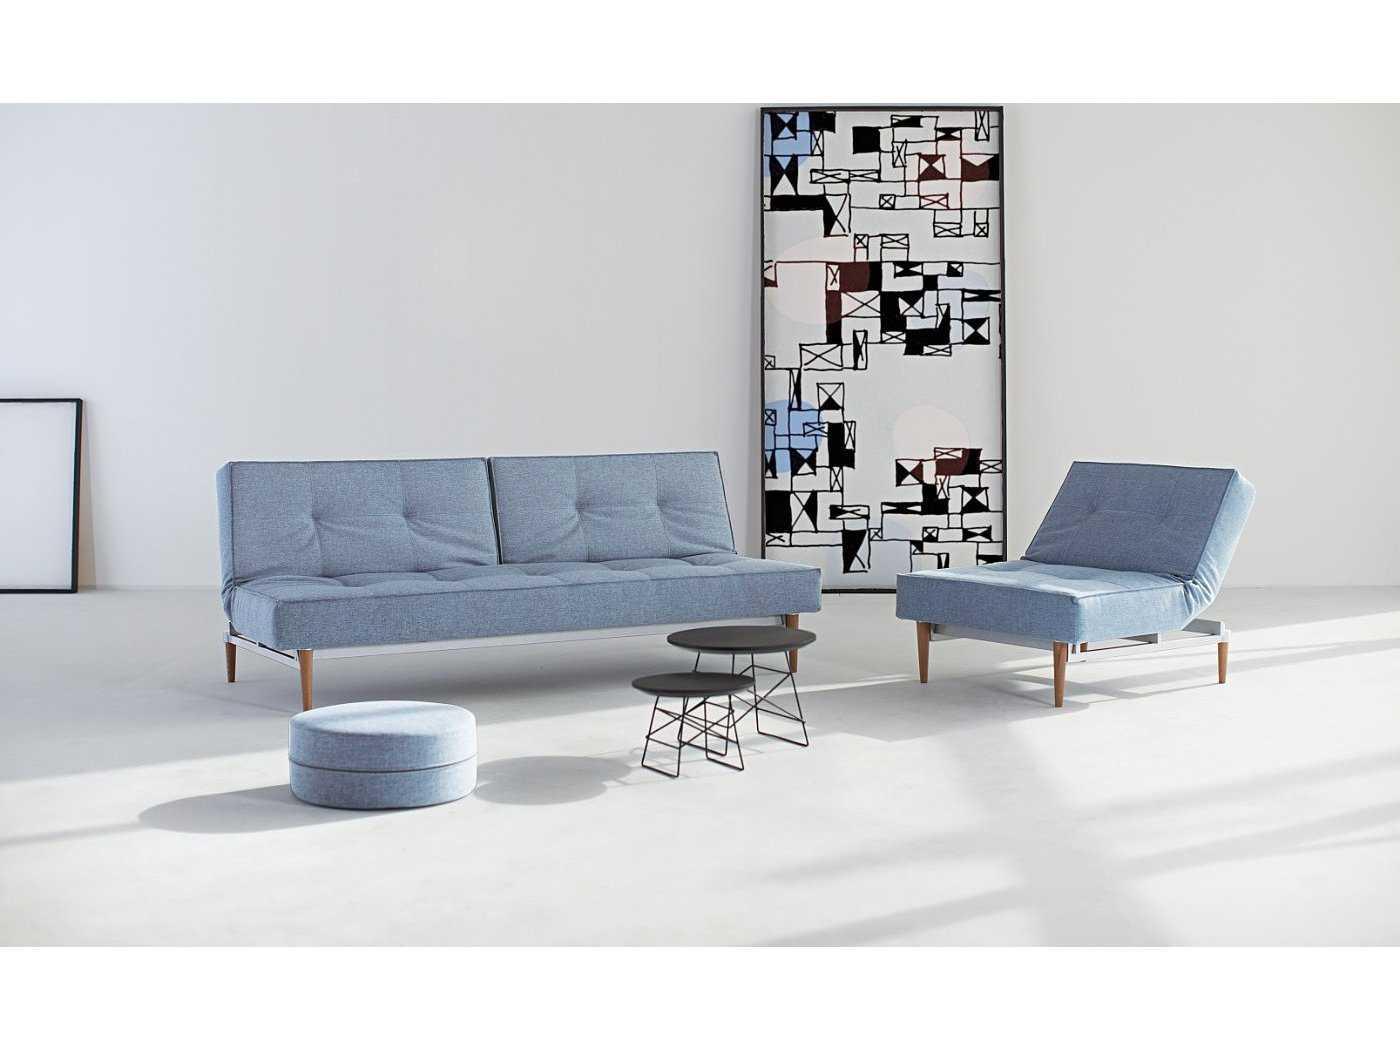 innovation splitback sofa bed with light wood legs iv9474101016. Black Bedroom Furniture Sets. Home Design Ideas